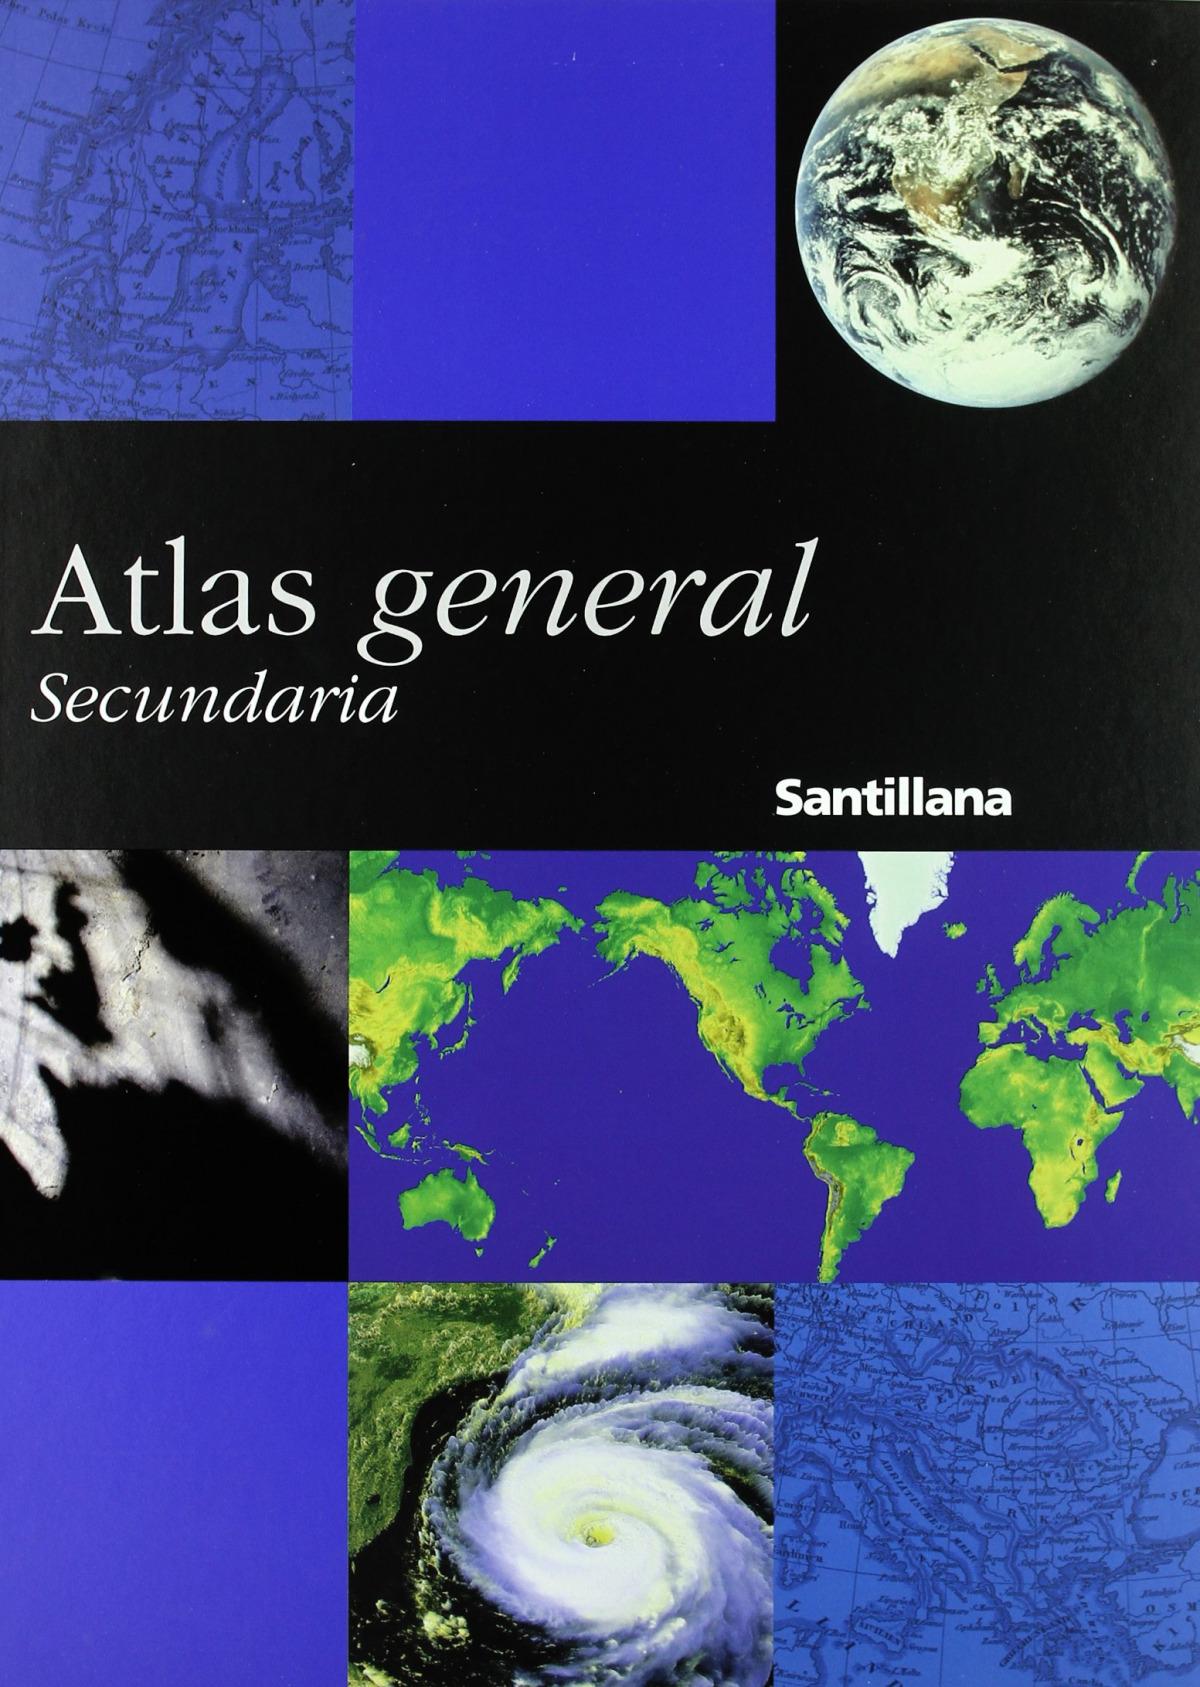 Atlas general secundaria 9788429472325